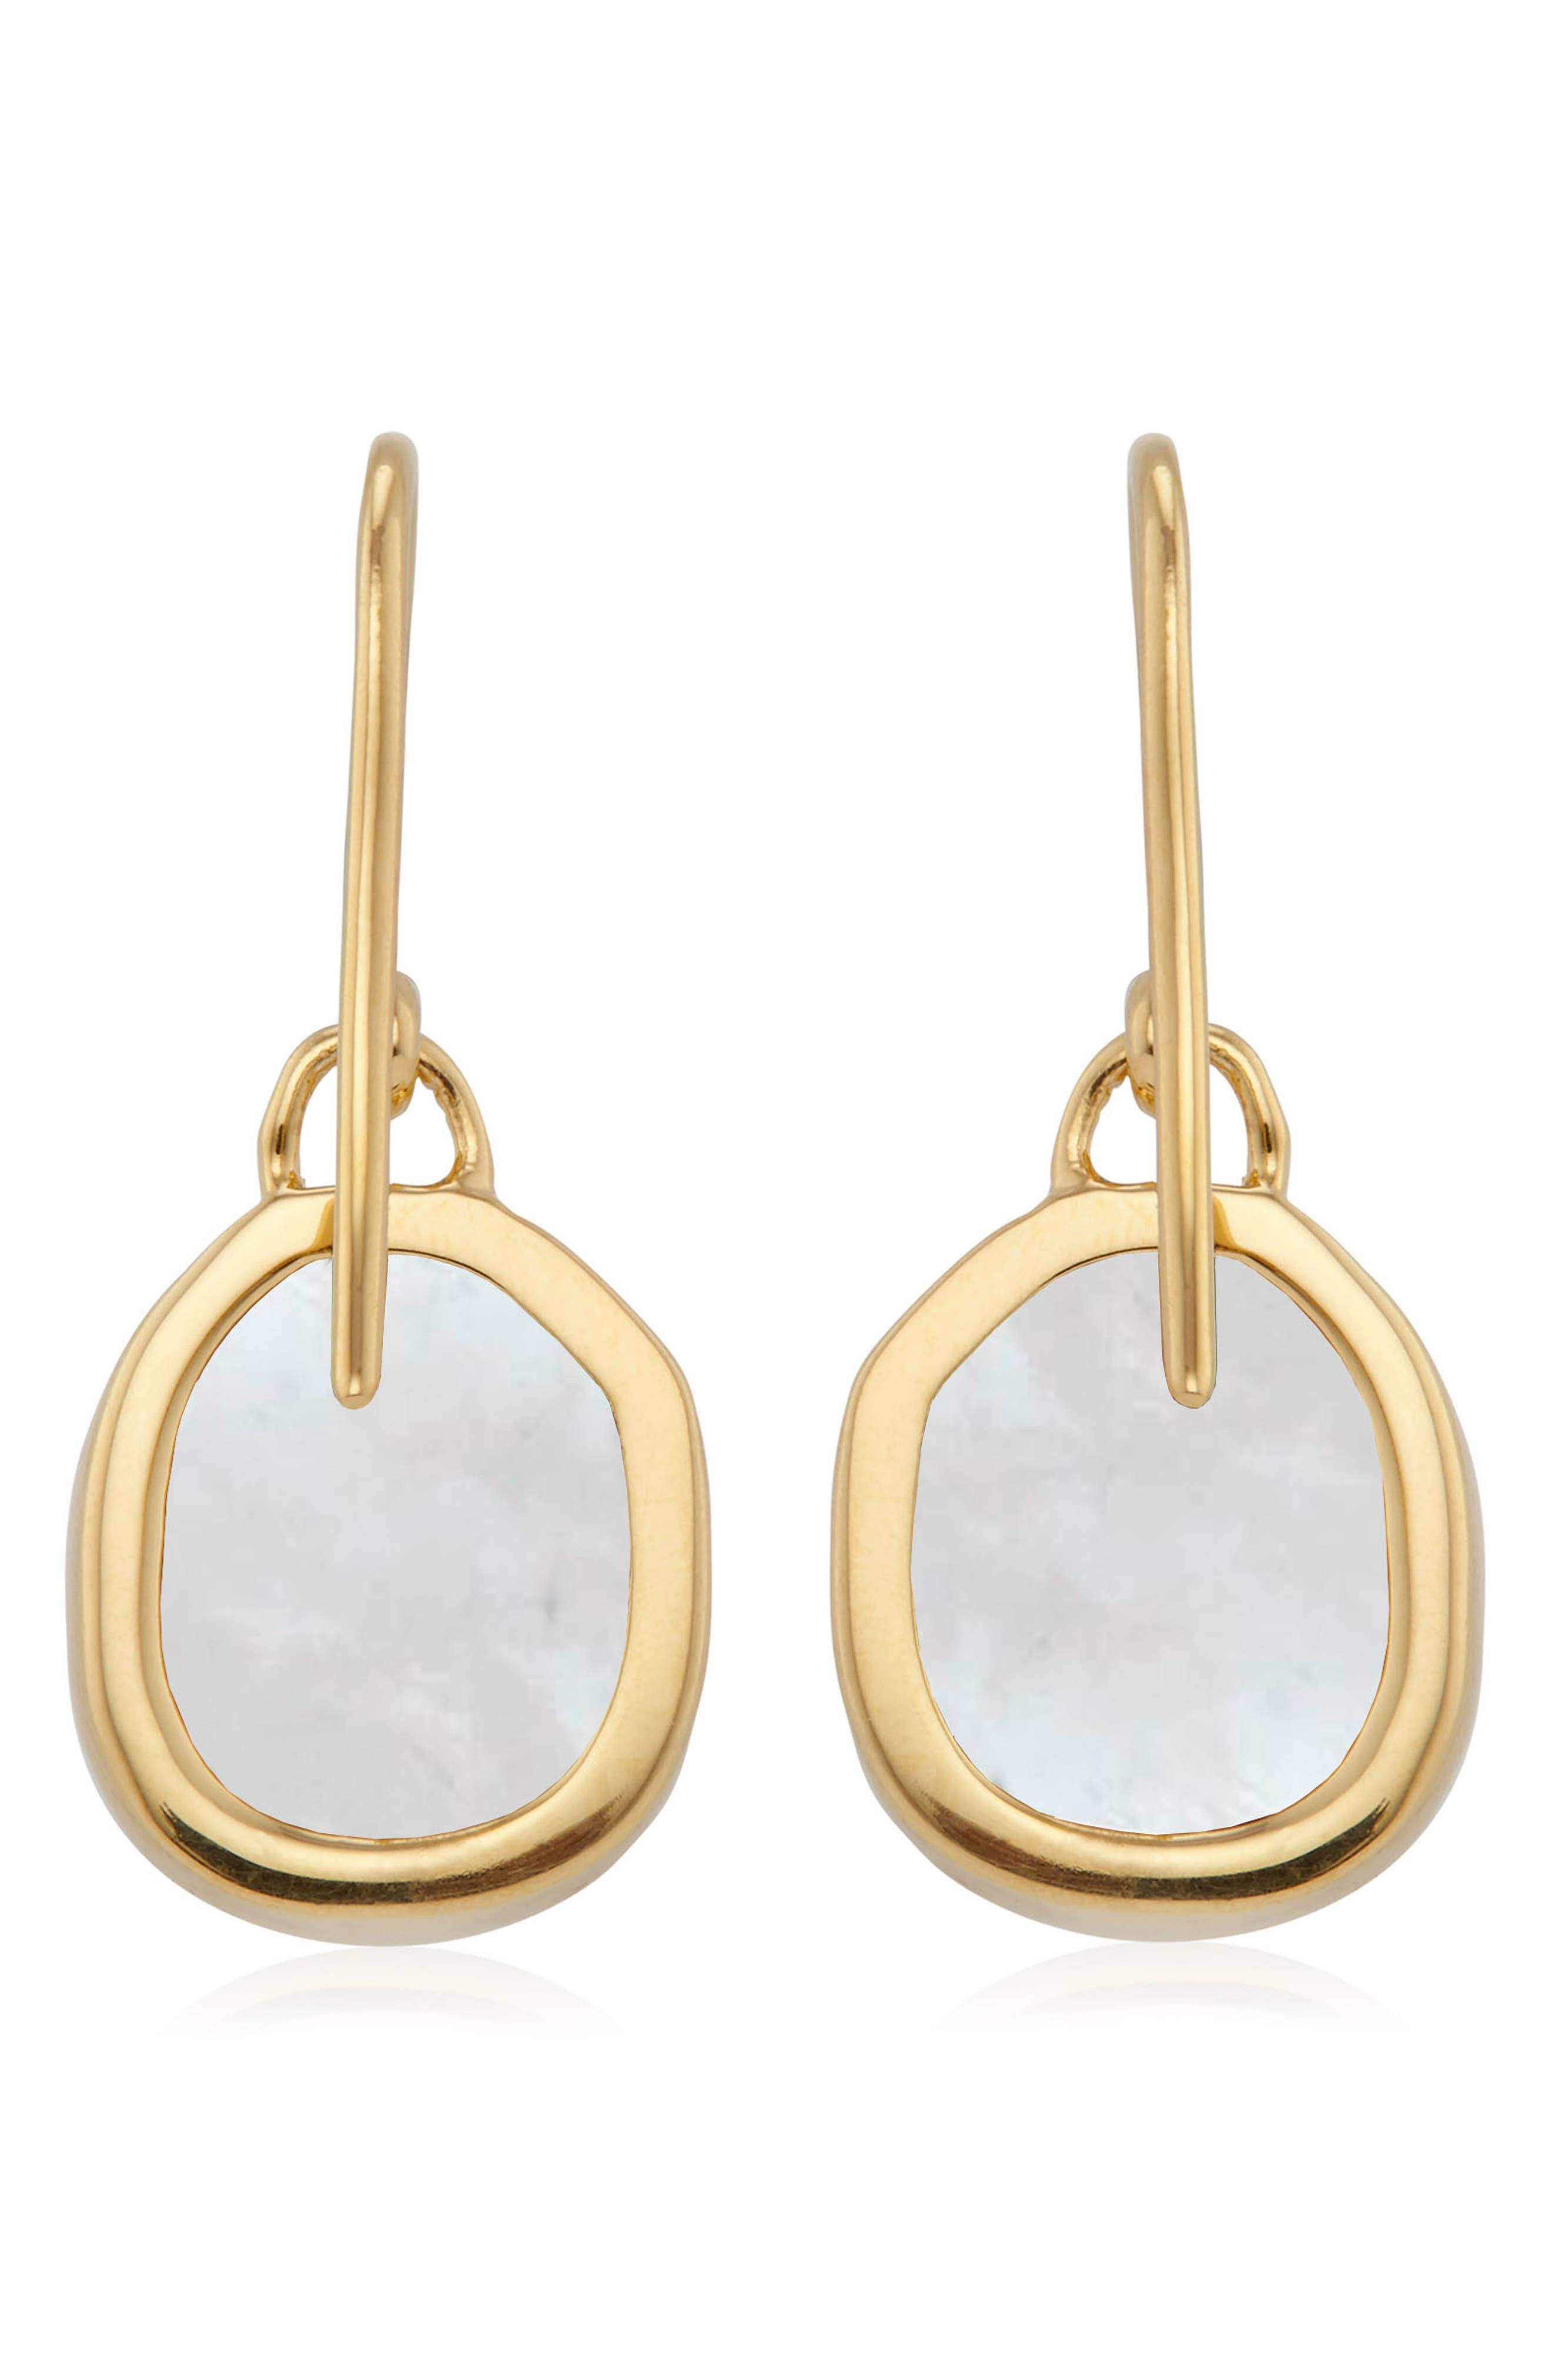 Siren Bezel Set Onyx Earrings,                             Alternate thumbnail 3, color,                             GOLD/ MOONSTONE